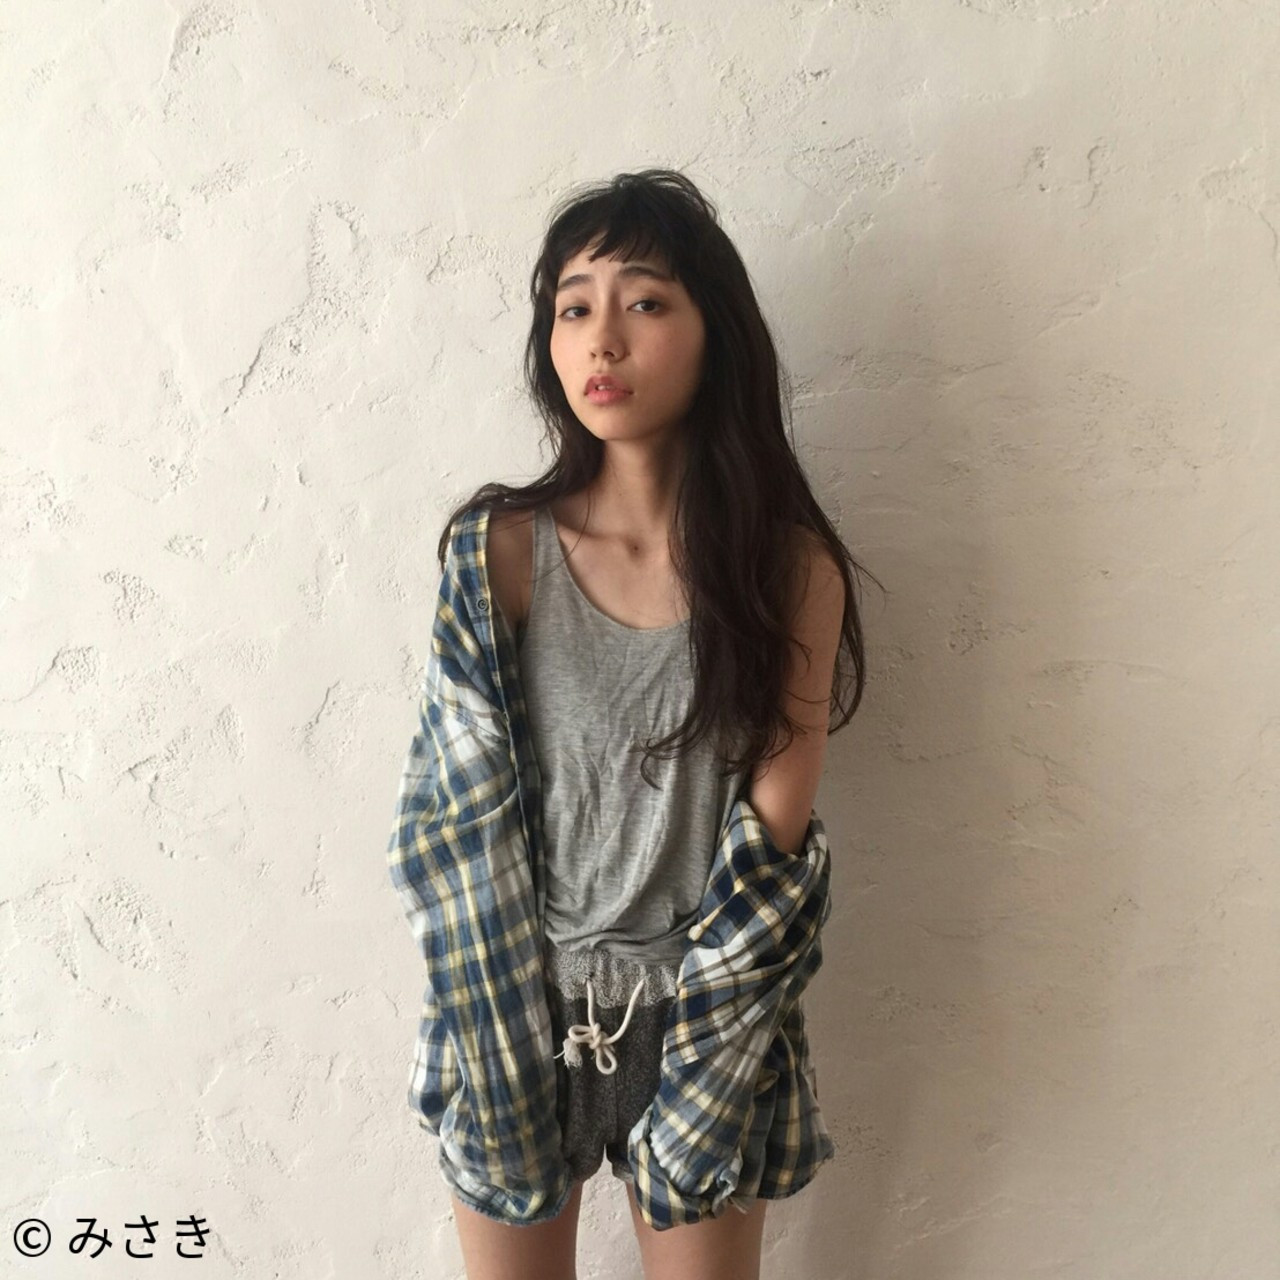 おしゃれヘアスタイル2017!編集部オススメ髪型を長さ別ヘアカタログでお届け! みさき